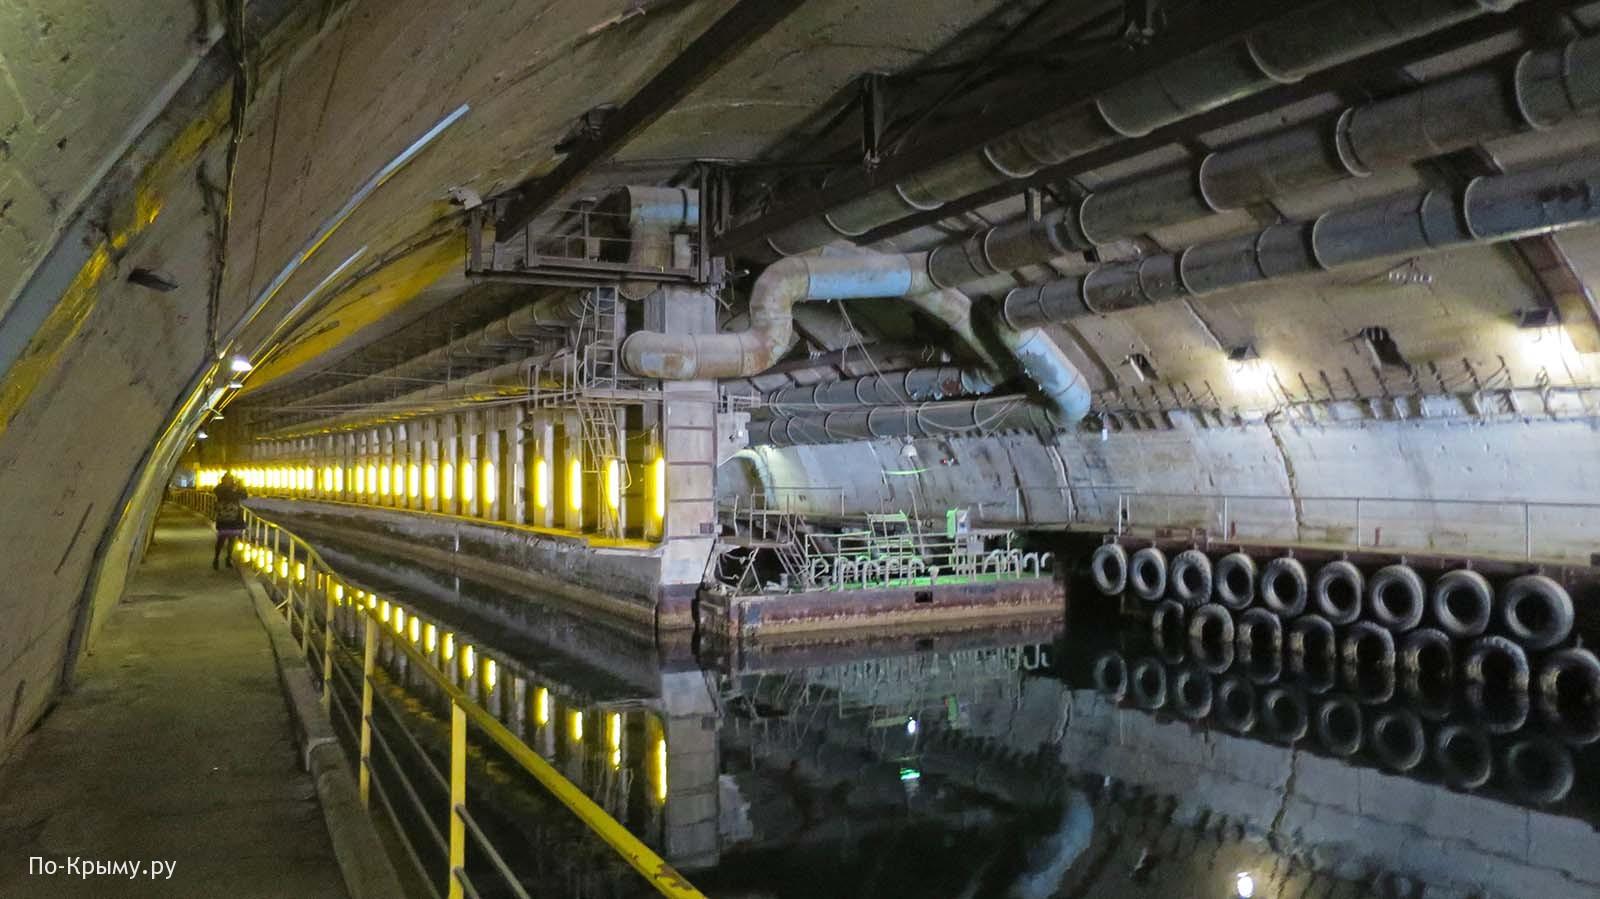 Подземный музей подводных лодок в Балаклаве